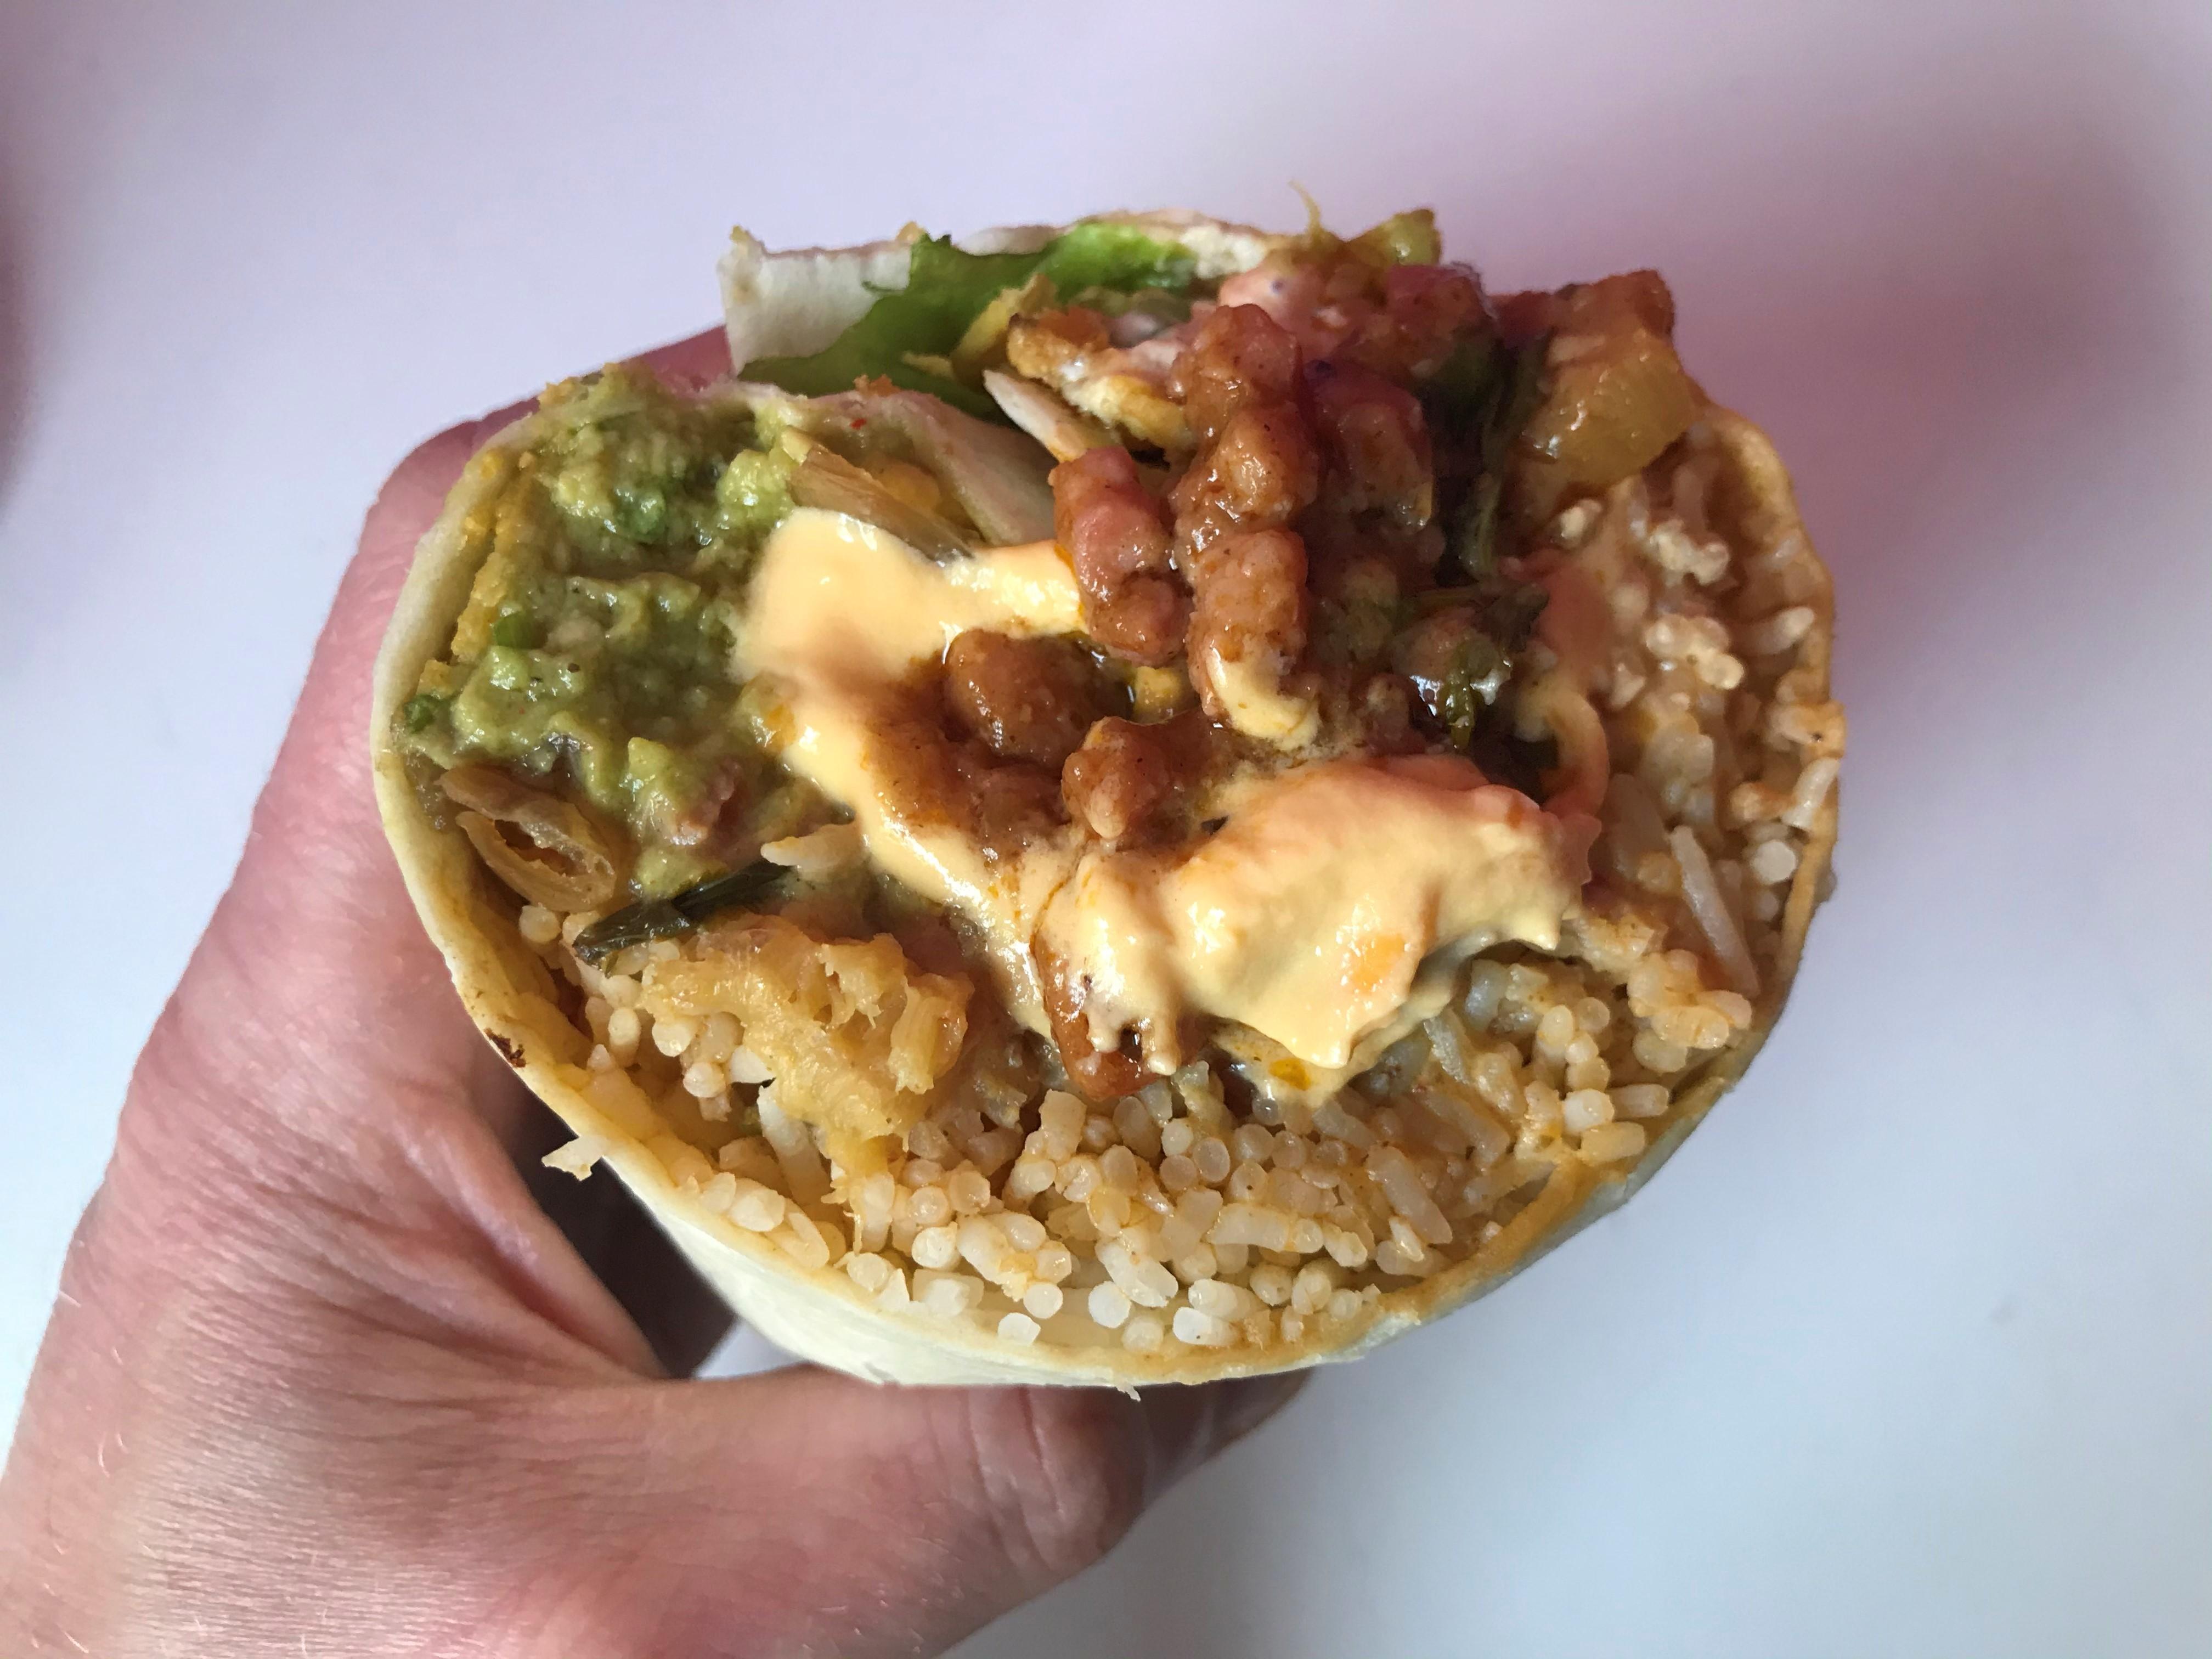 Cheesy-Chocolate Pork Mole Burrito